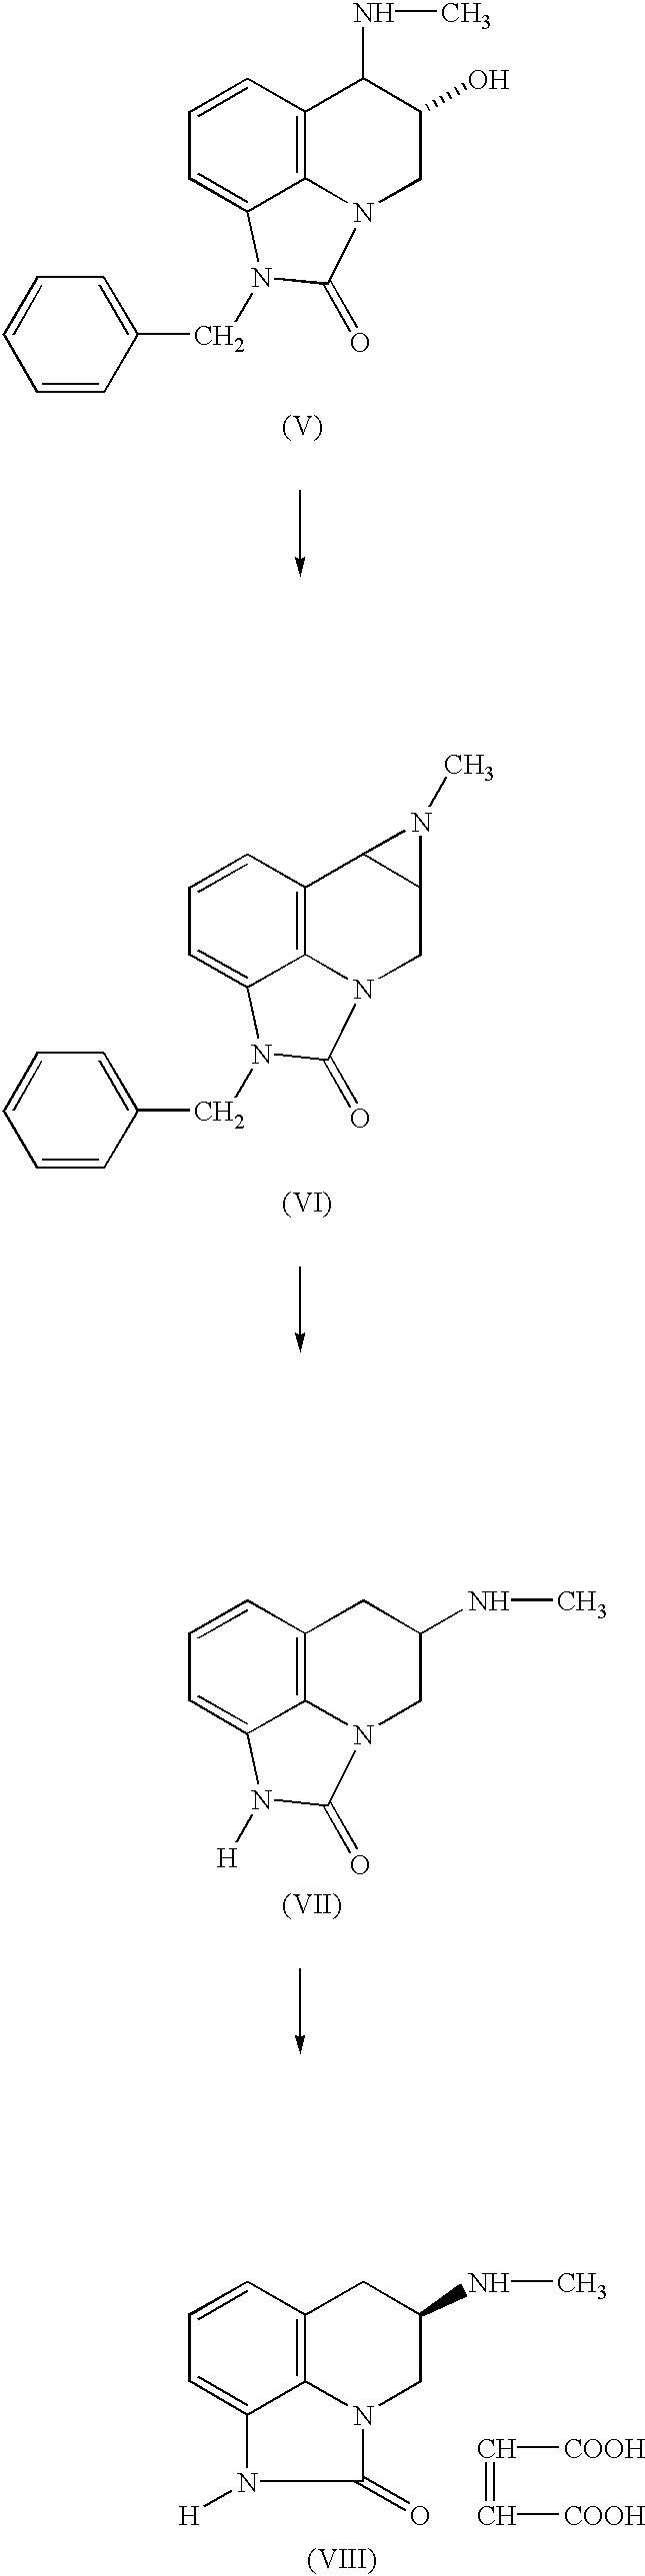 Figure US06455564-20020924-C00004